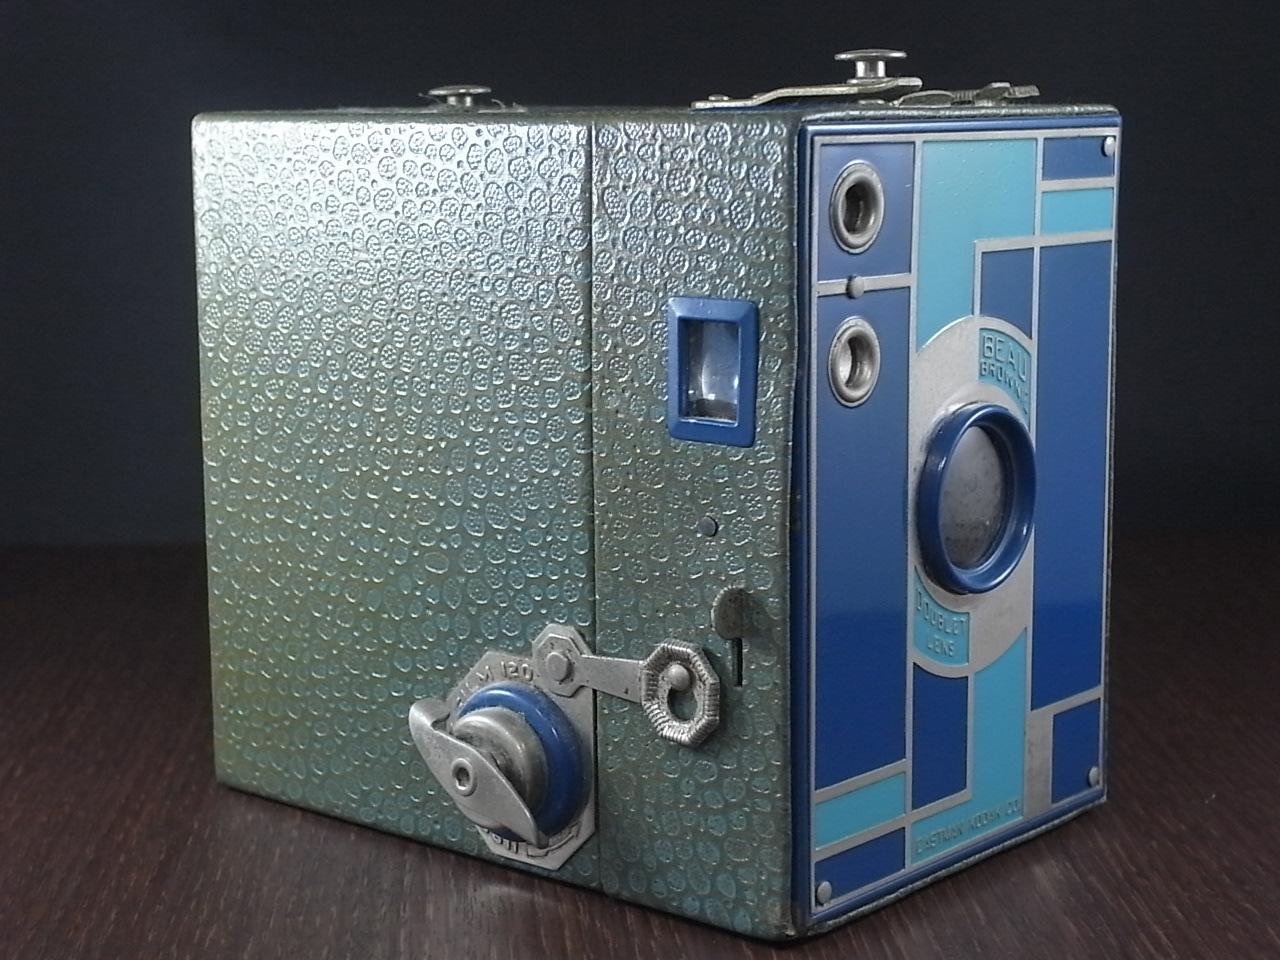 コダック No.2 ブローニー アールデコカメラ ブルーの写真2枚目